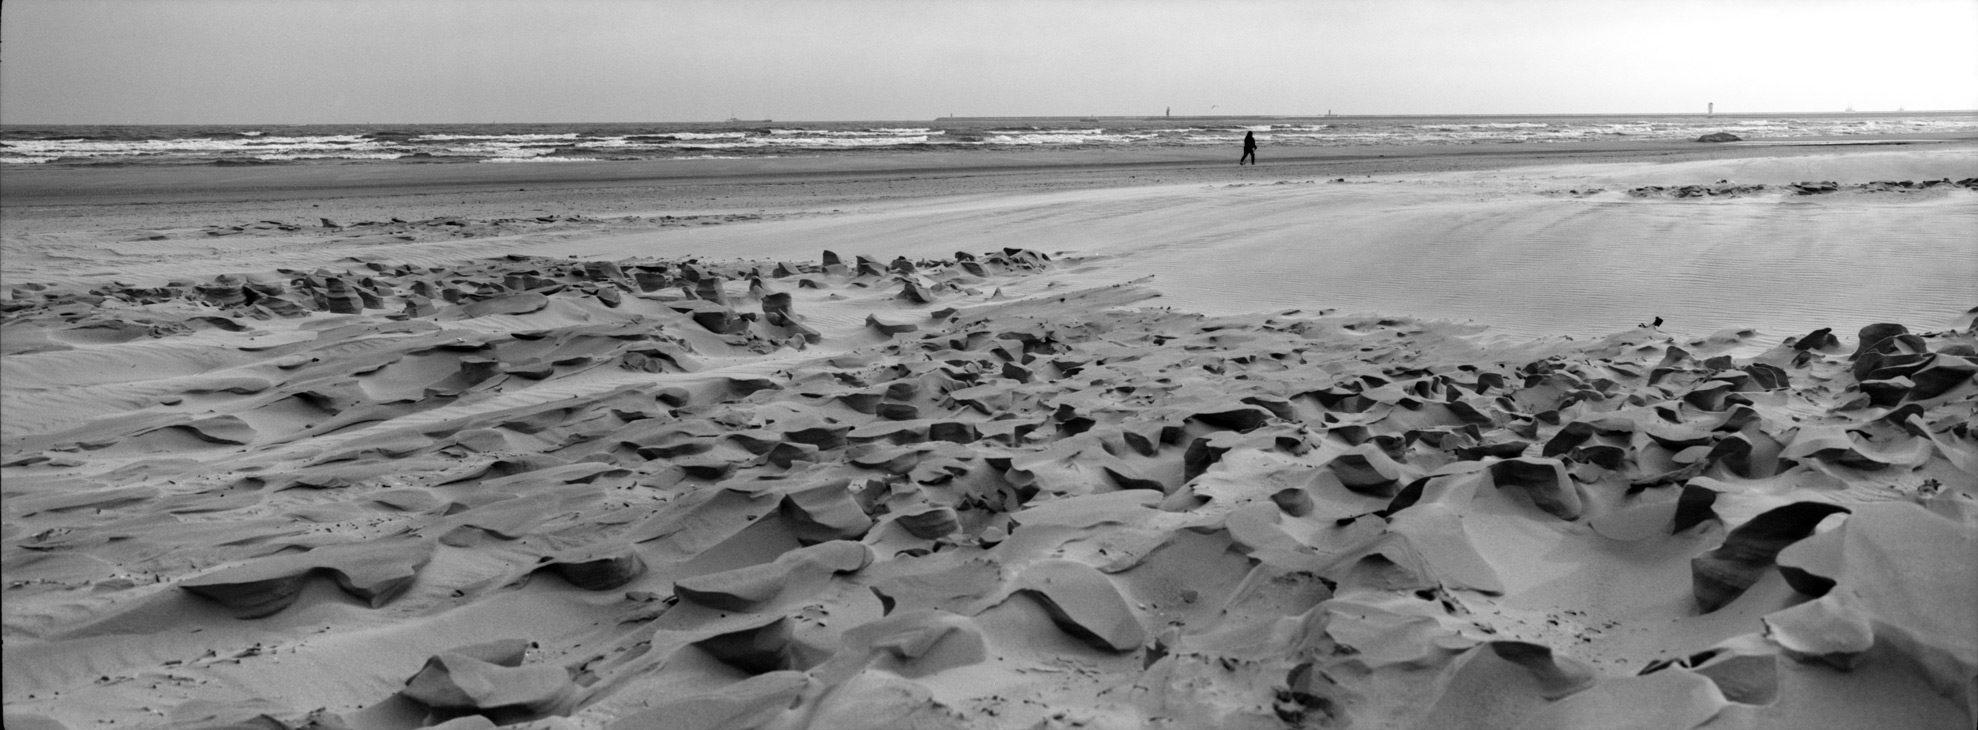 Świnoujście Beach, f = 11, exp = 1 / 125s,